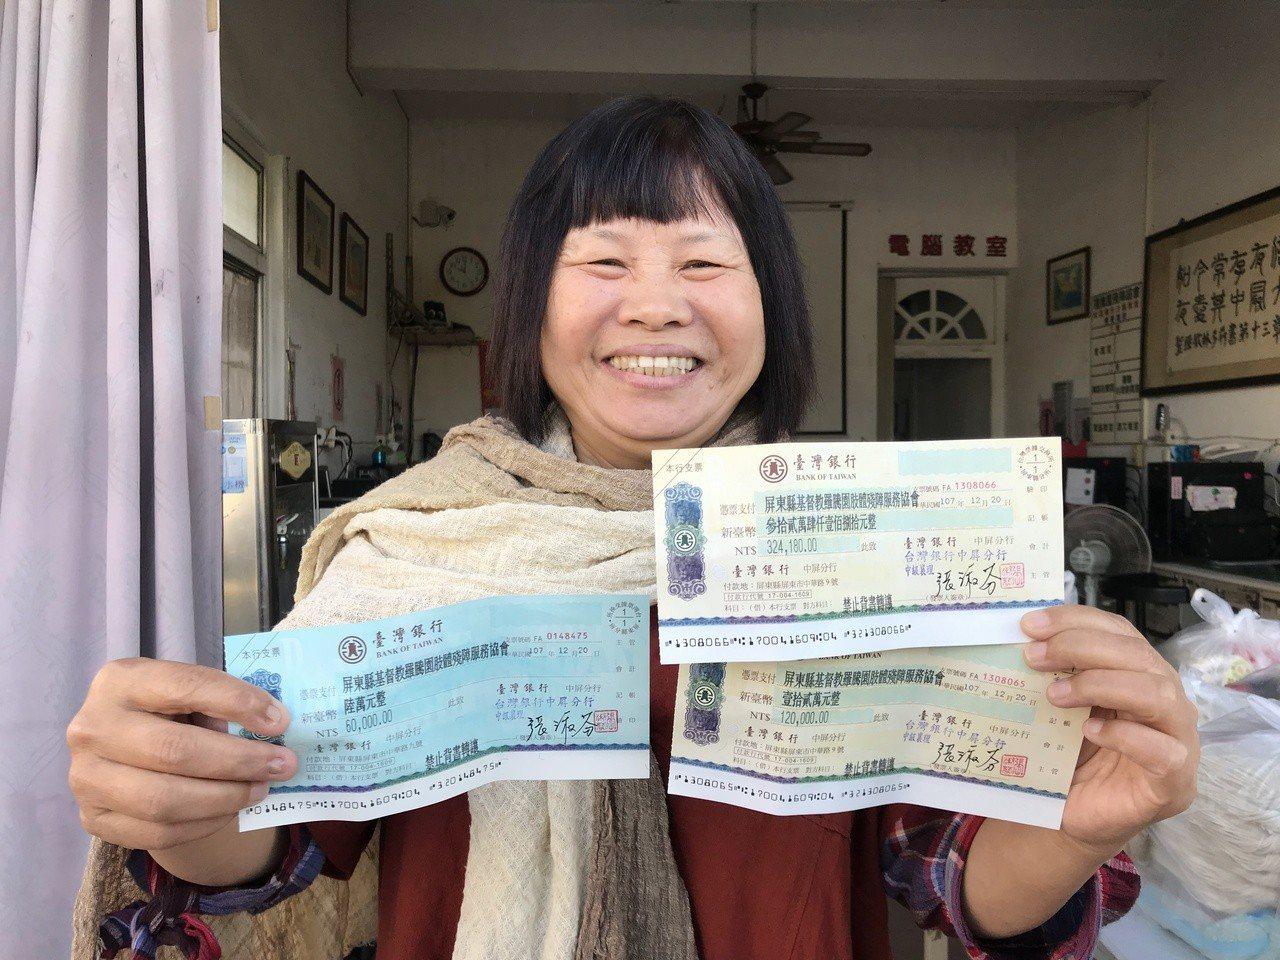 議員蔣月惠今天亮出3張支票,總共52萬多元,全數捐給羅騰園。記者蔣繼平/攝影